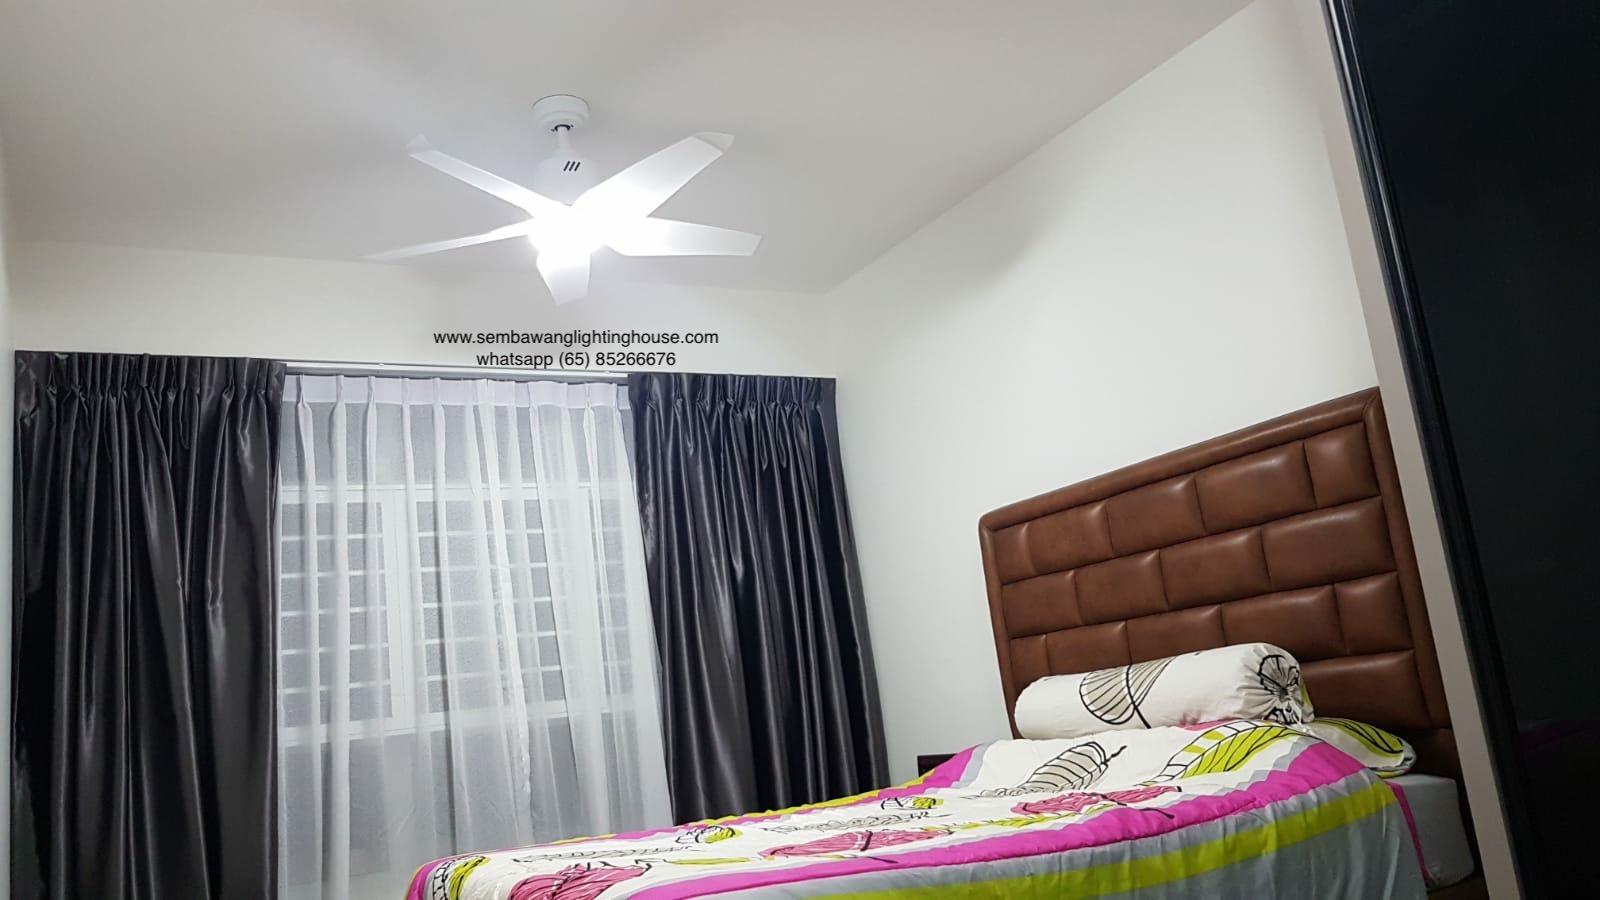 sample-02-kaze-kino-white-led-ceiling-fan-sembawang-lighting-house.jpg